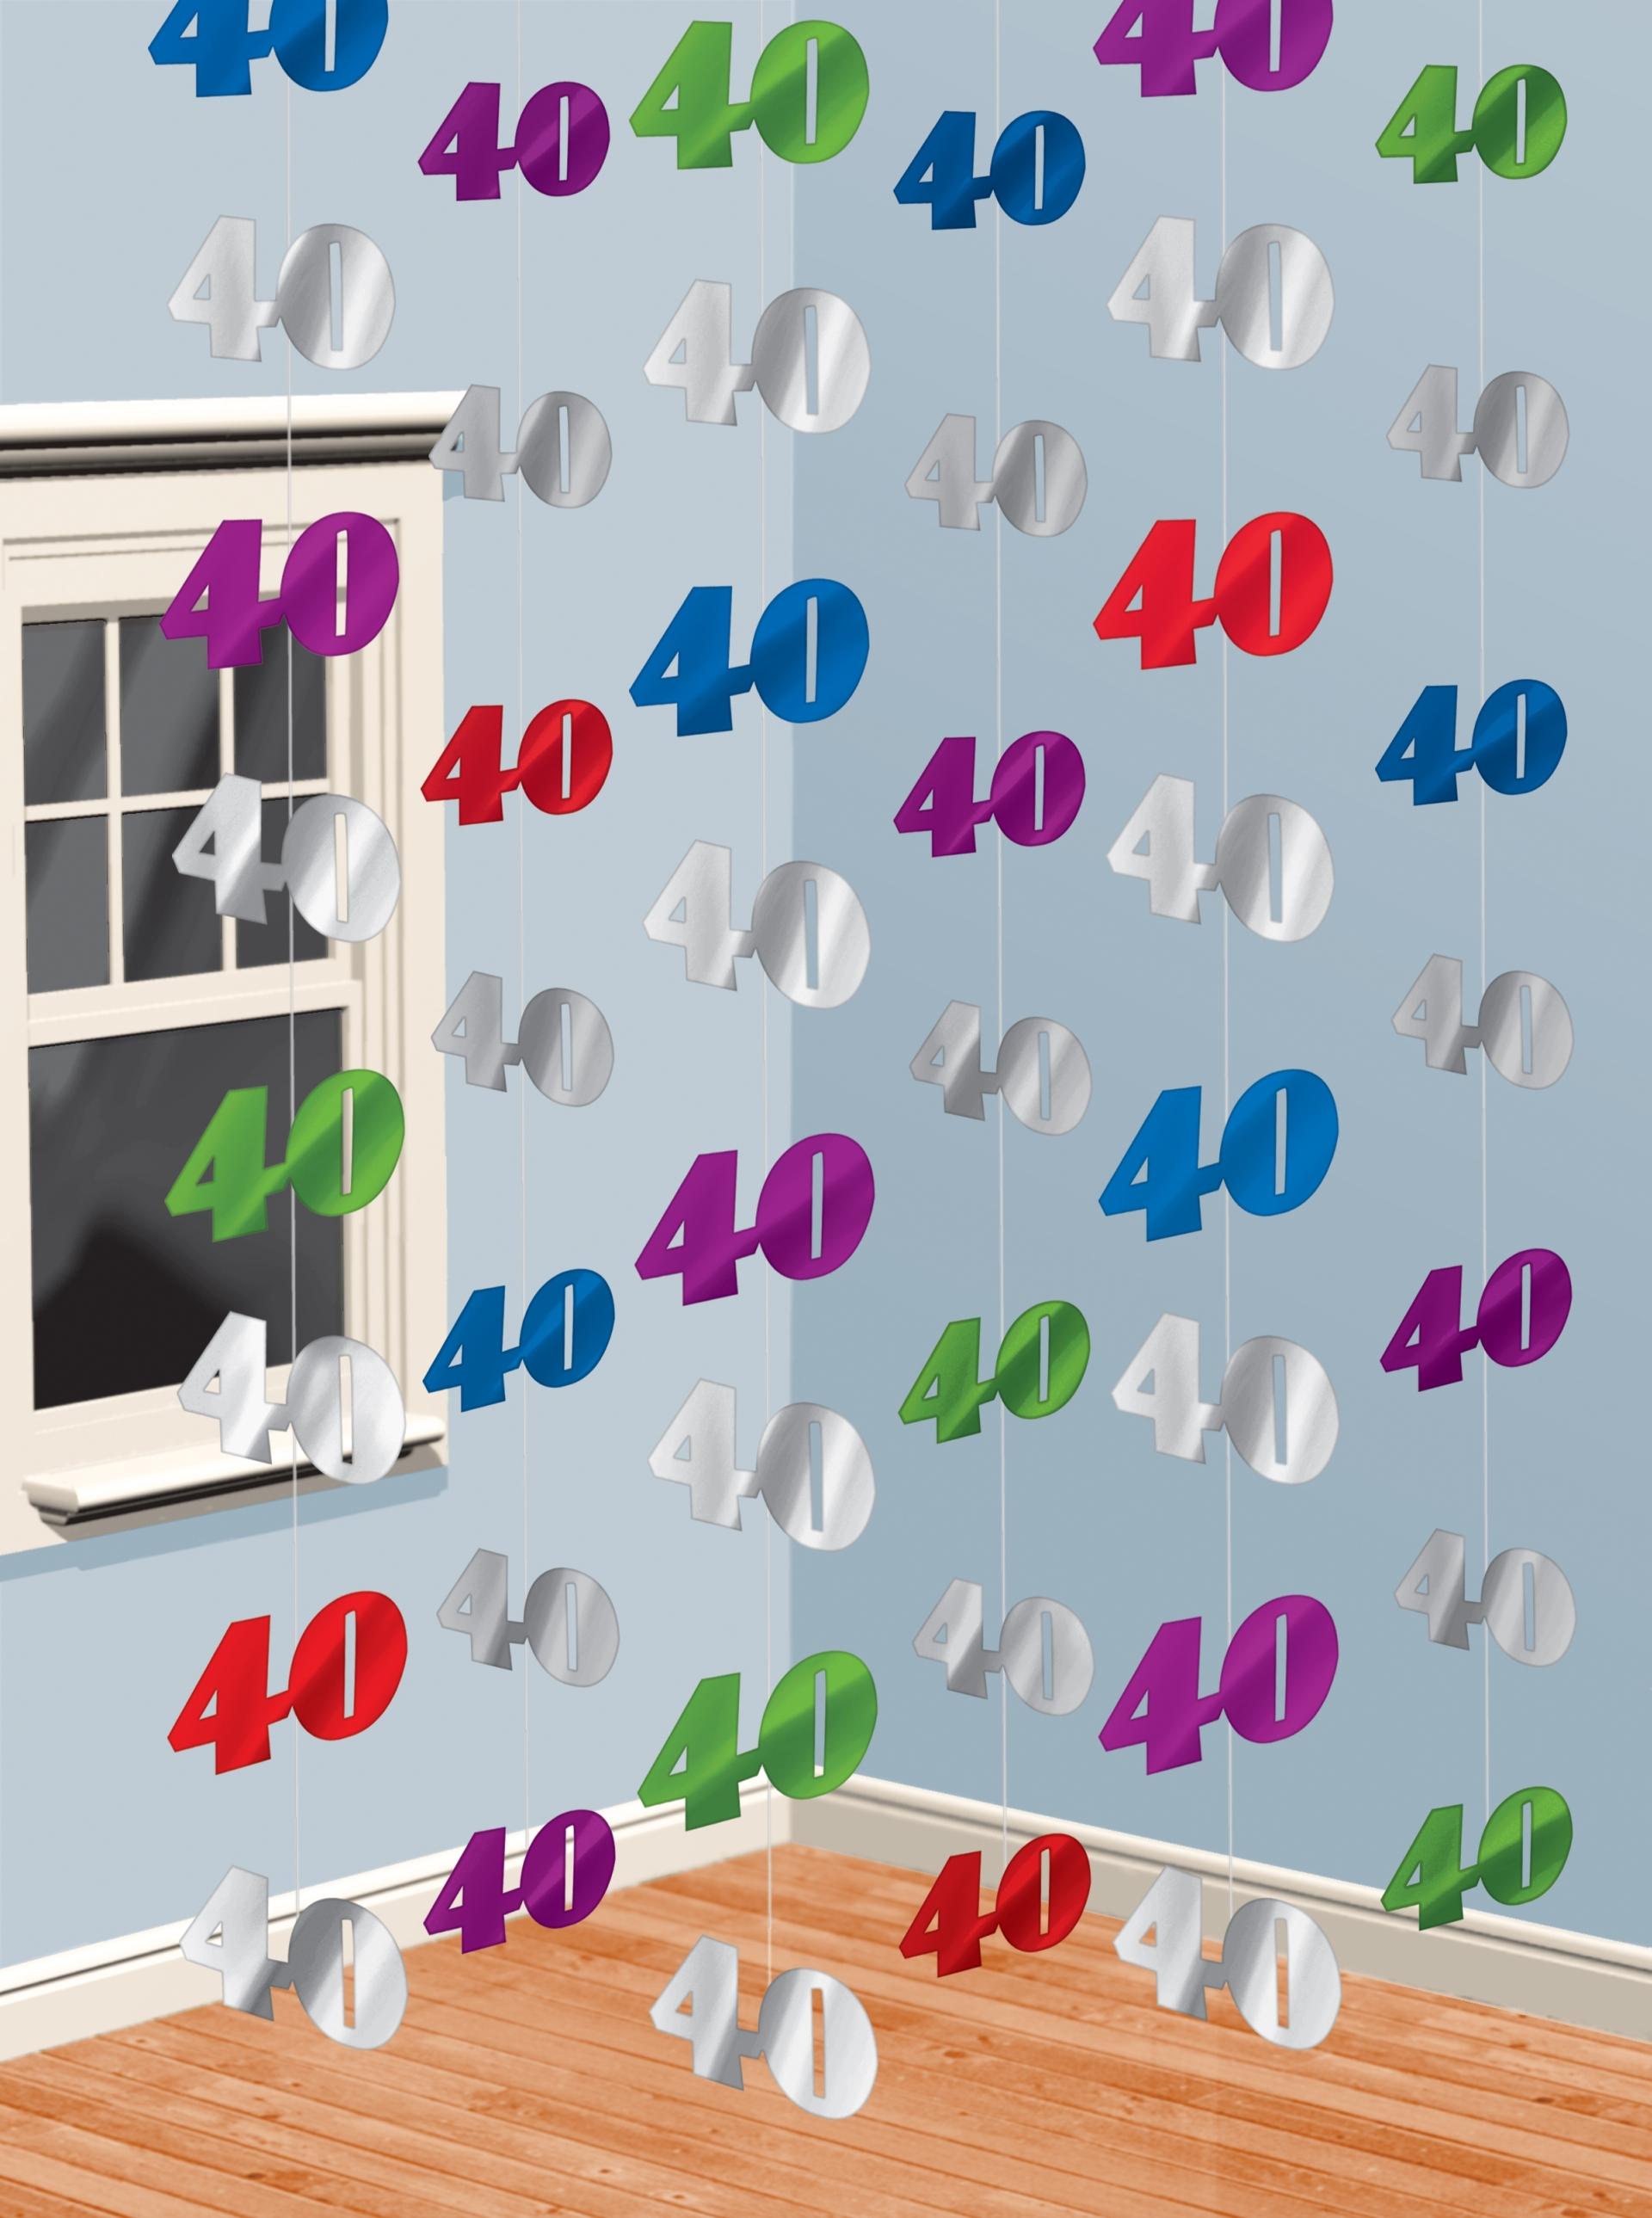 6 h nge girlanden zahl 40 geburtstag party deko ebay. Black Bedroom Furniture Sets. Home Design Ideas